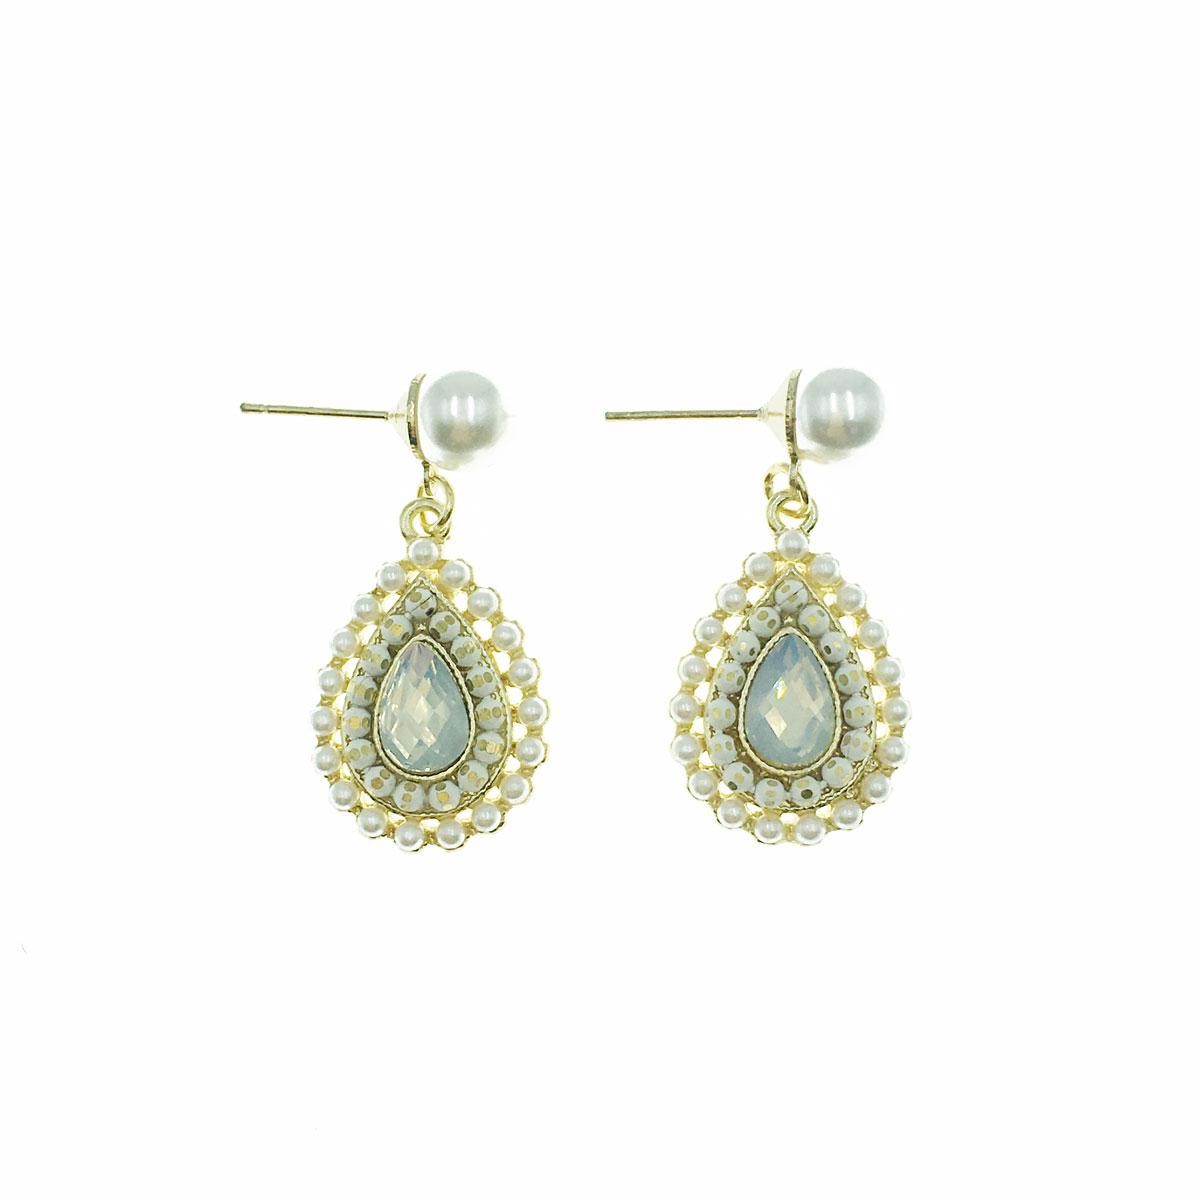 韓國 925純銀 珍珠 水滴 水鑽 垂墜感 耳針式 耳環